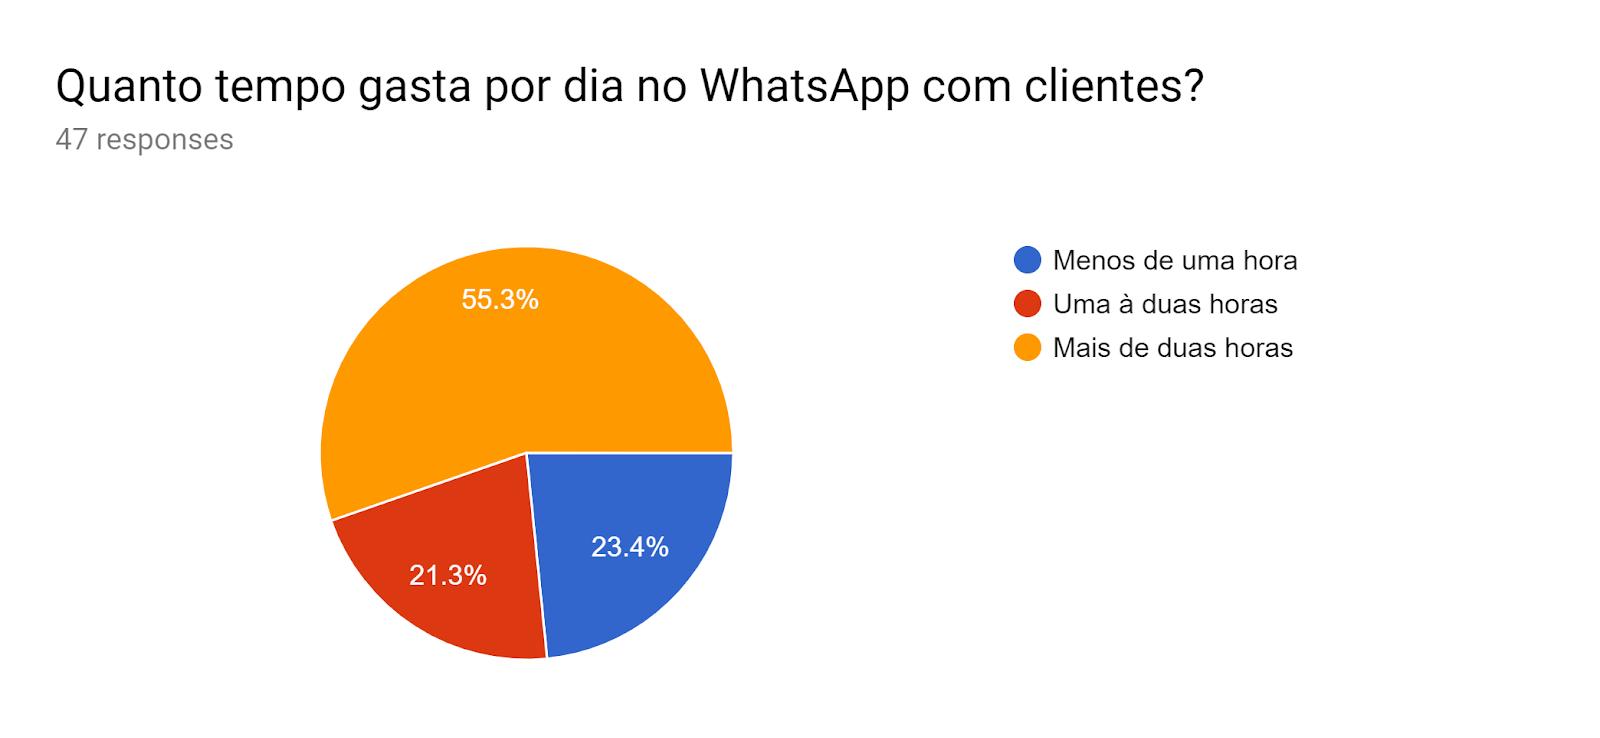 Forms response chart. Question title: Quanto tempo gasta por dia no WhatsApp com clientes?. Number of responses: 47 responses.